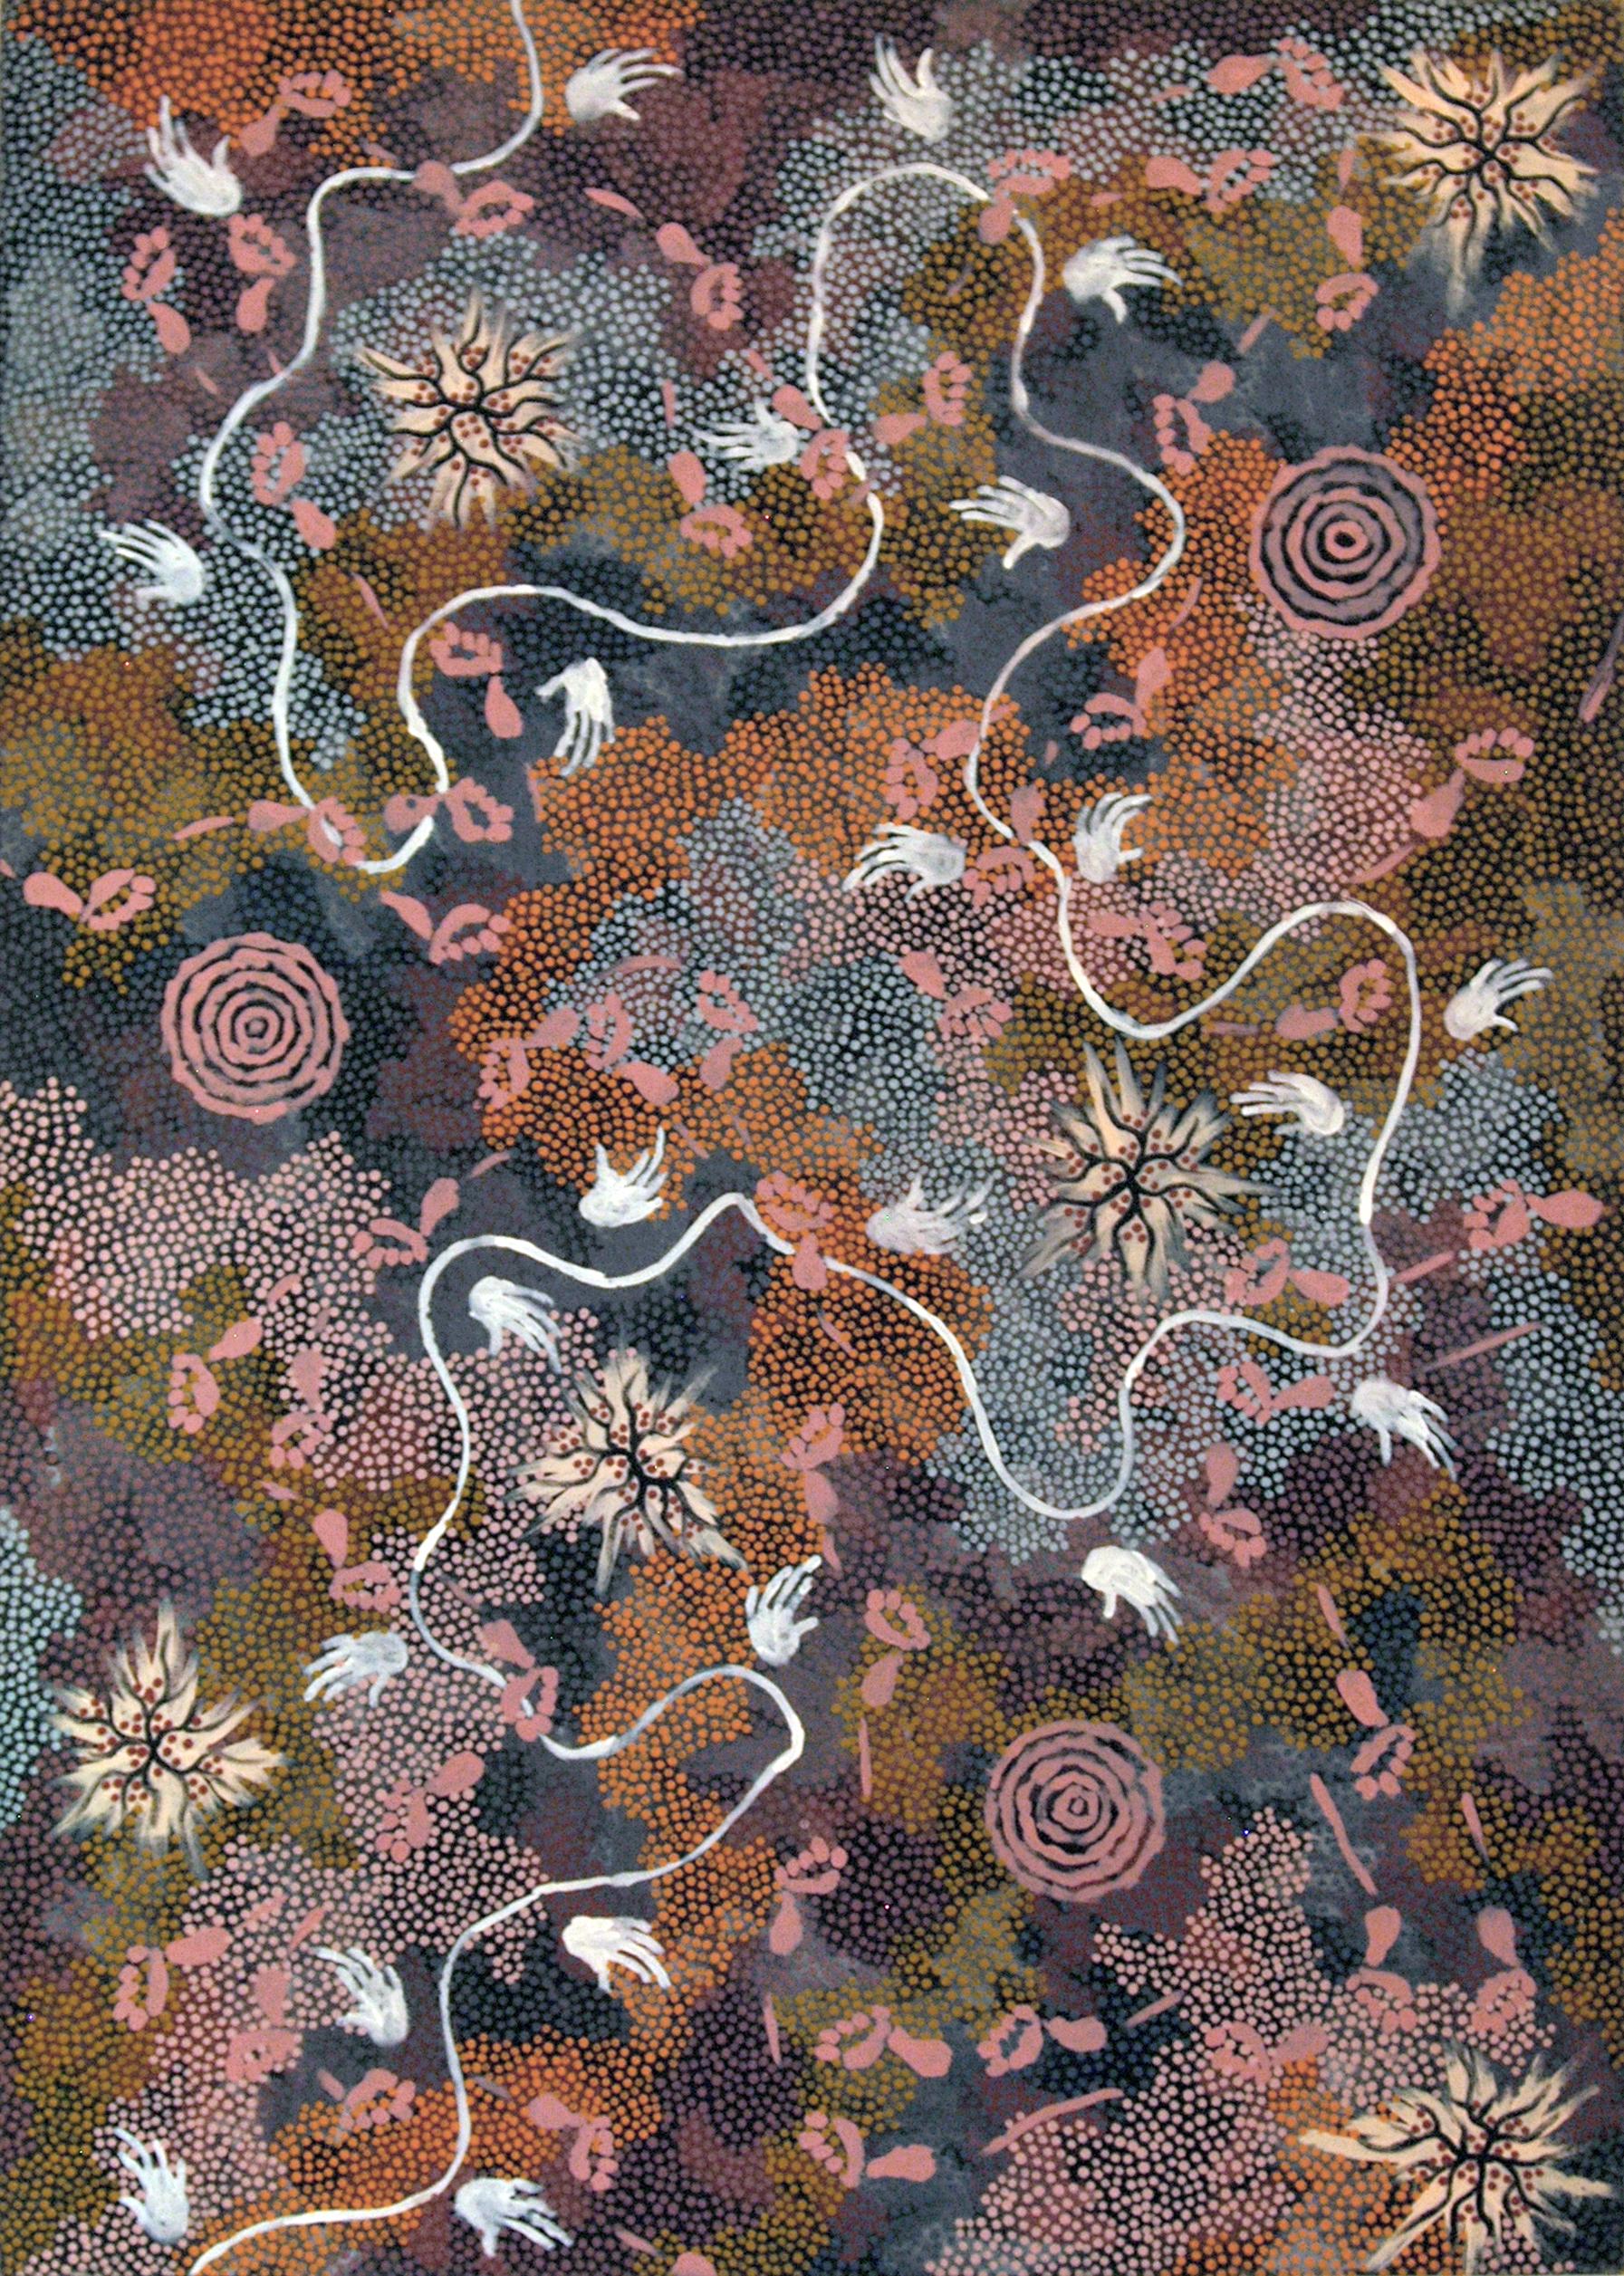 """Clifford Possum Tjapaltjarri (1933-2002),""""O Sonhar do Cachorro Selvagem na Estação Napperby"""", mais conhecido como """"O sonhar de Possum"""", 1993, tinta acrílica sobre linho belga"""